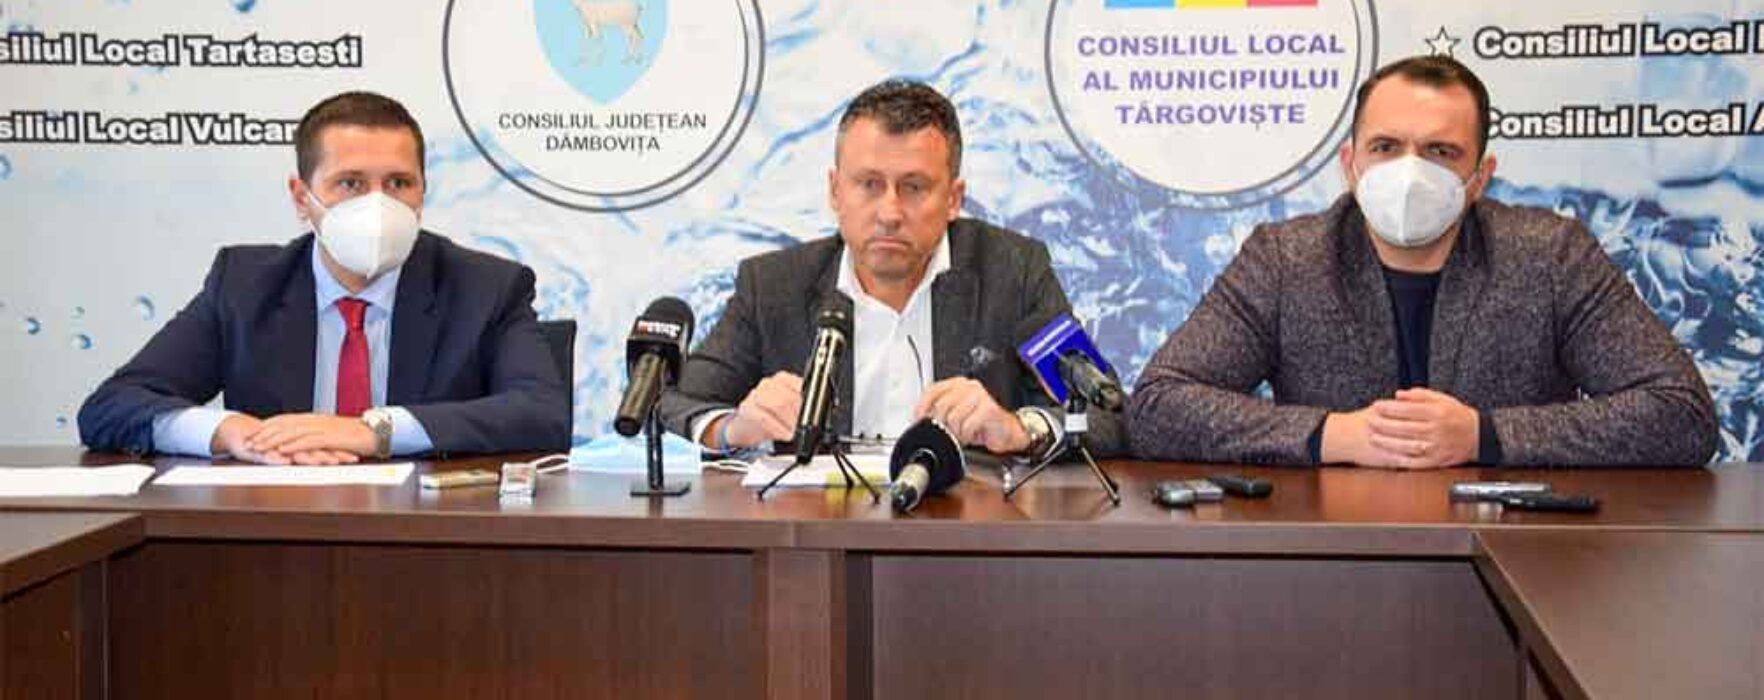 Dâmboviţa: 51 de localităţi vor beneficia de lucrări de apă şi canalizare cu bani europeni